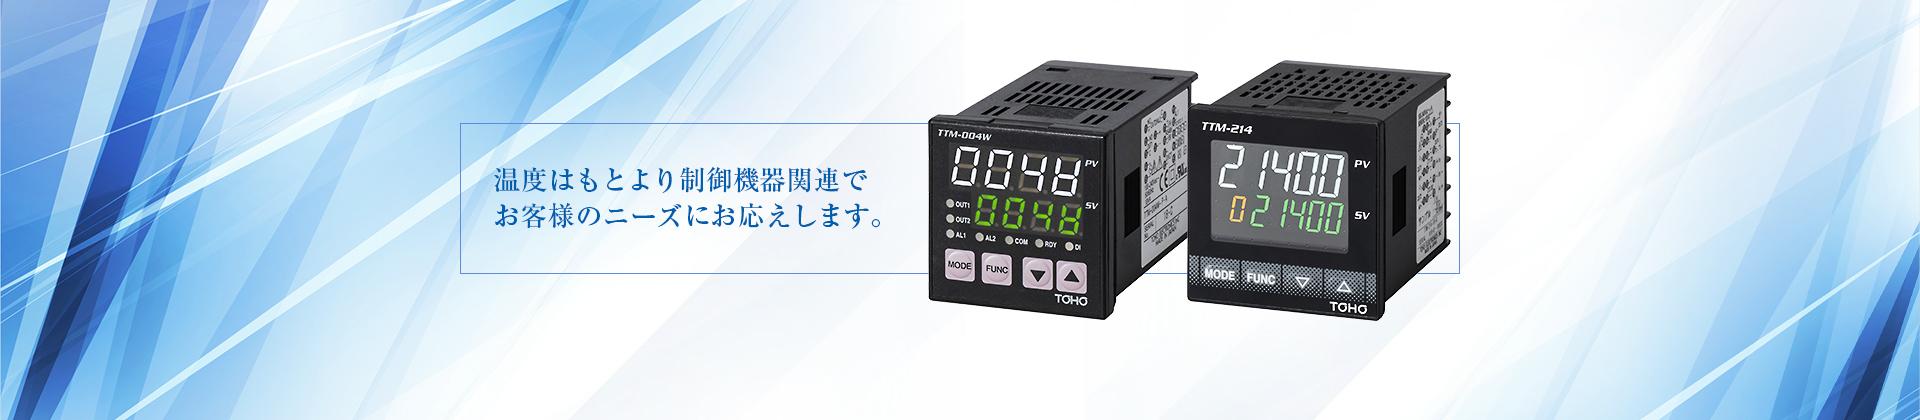 温度はもとより制御機器関連でお客様のニーズにお応えします。